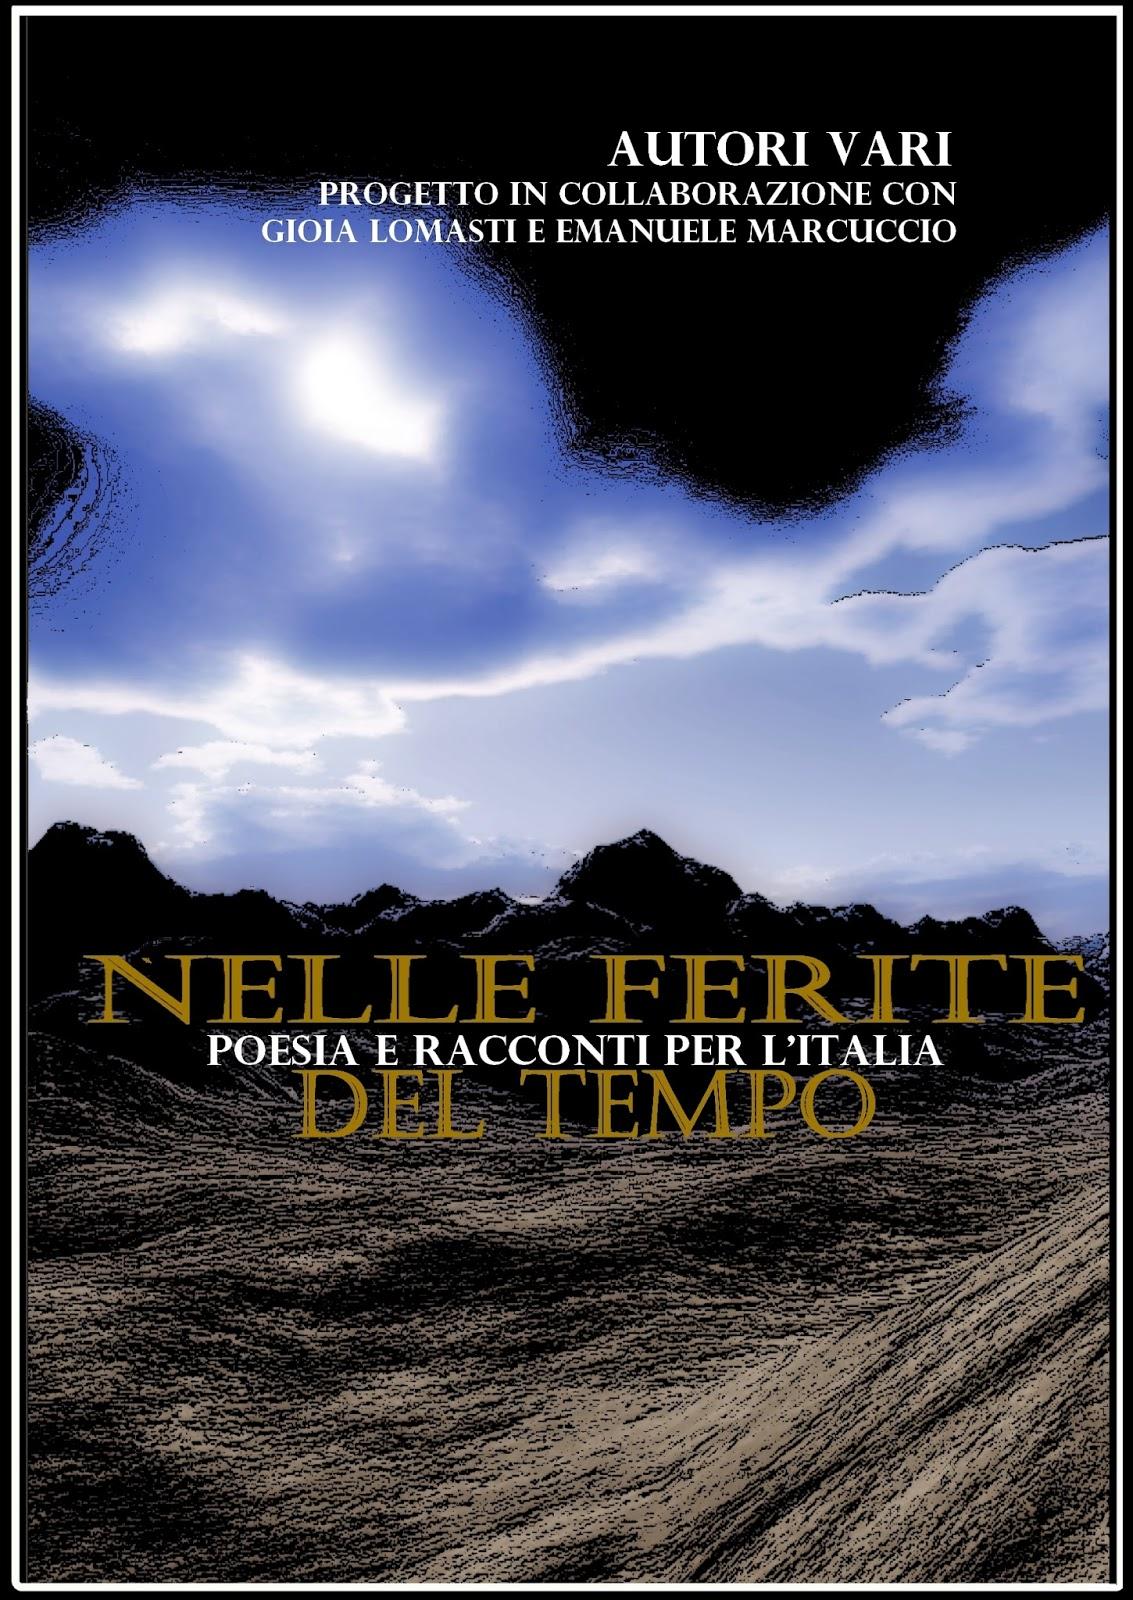 """Pubblicata l'antologia """"Nelle ferite del tempo"""" a sostegno dei terremotati"""